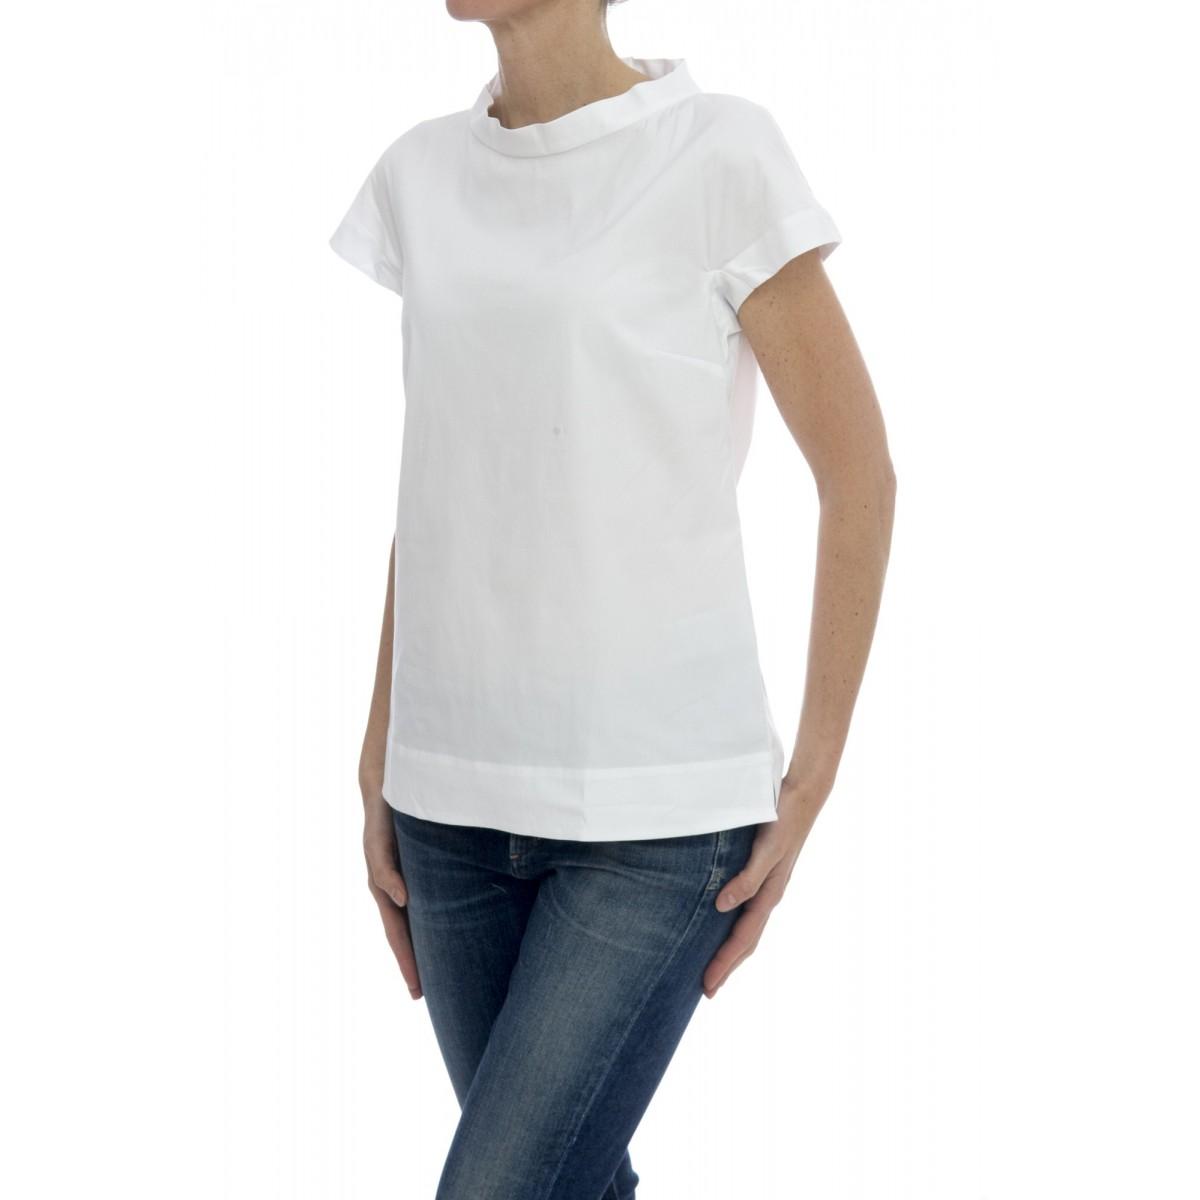 Camicia manica corta donna - Rnr d43 camicia zip retro